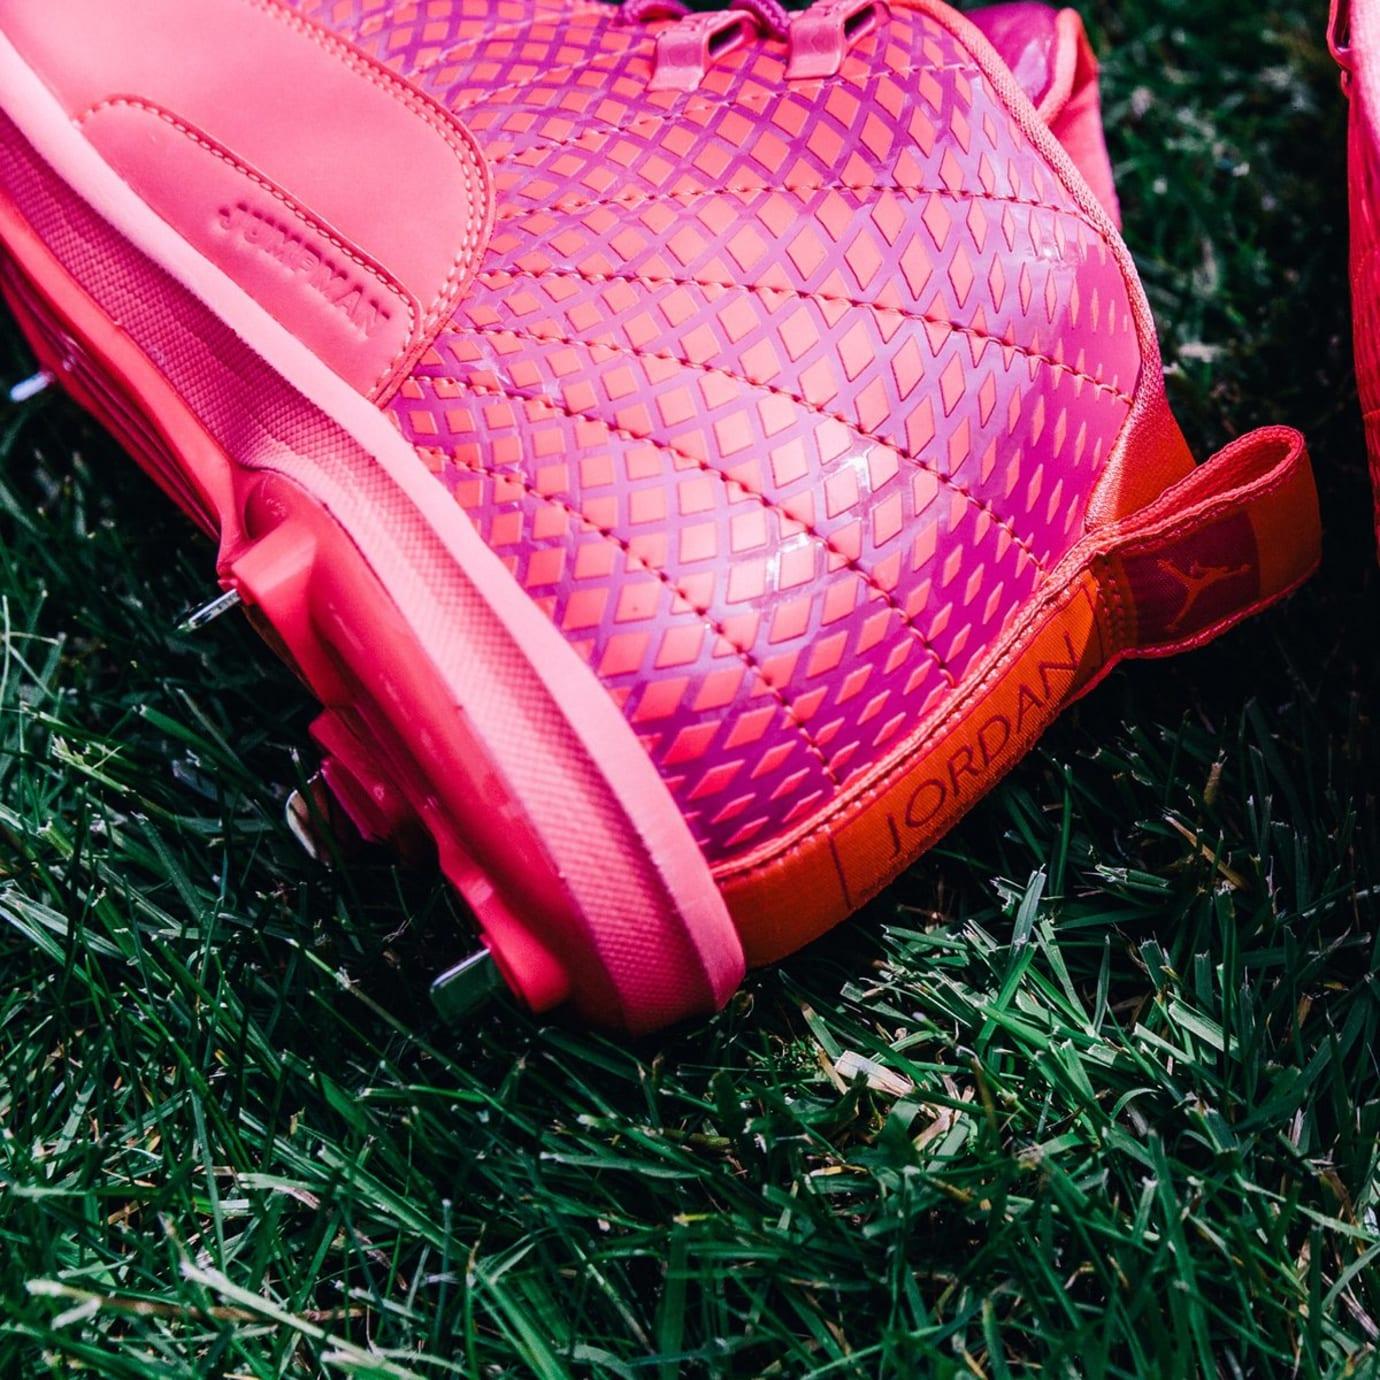 Air Jordan 12 Mother's Day Cleats Heel